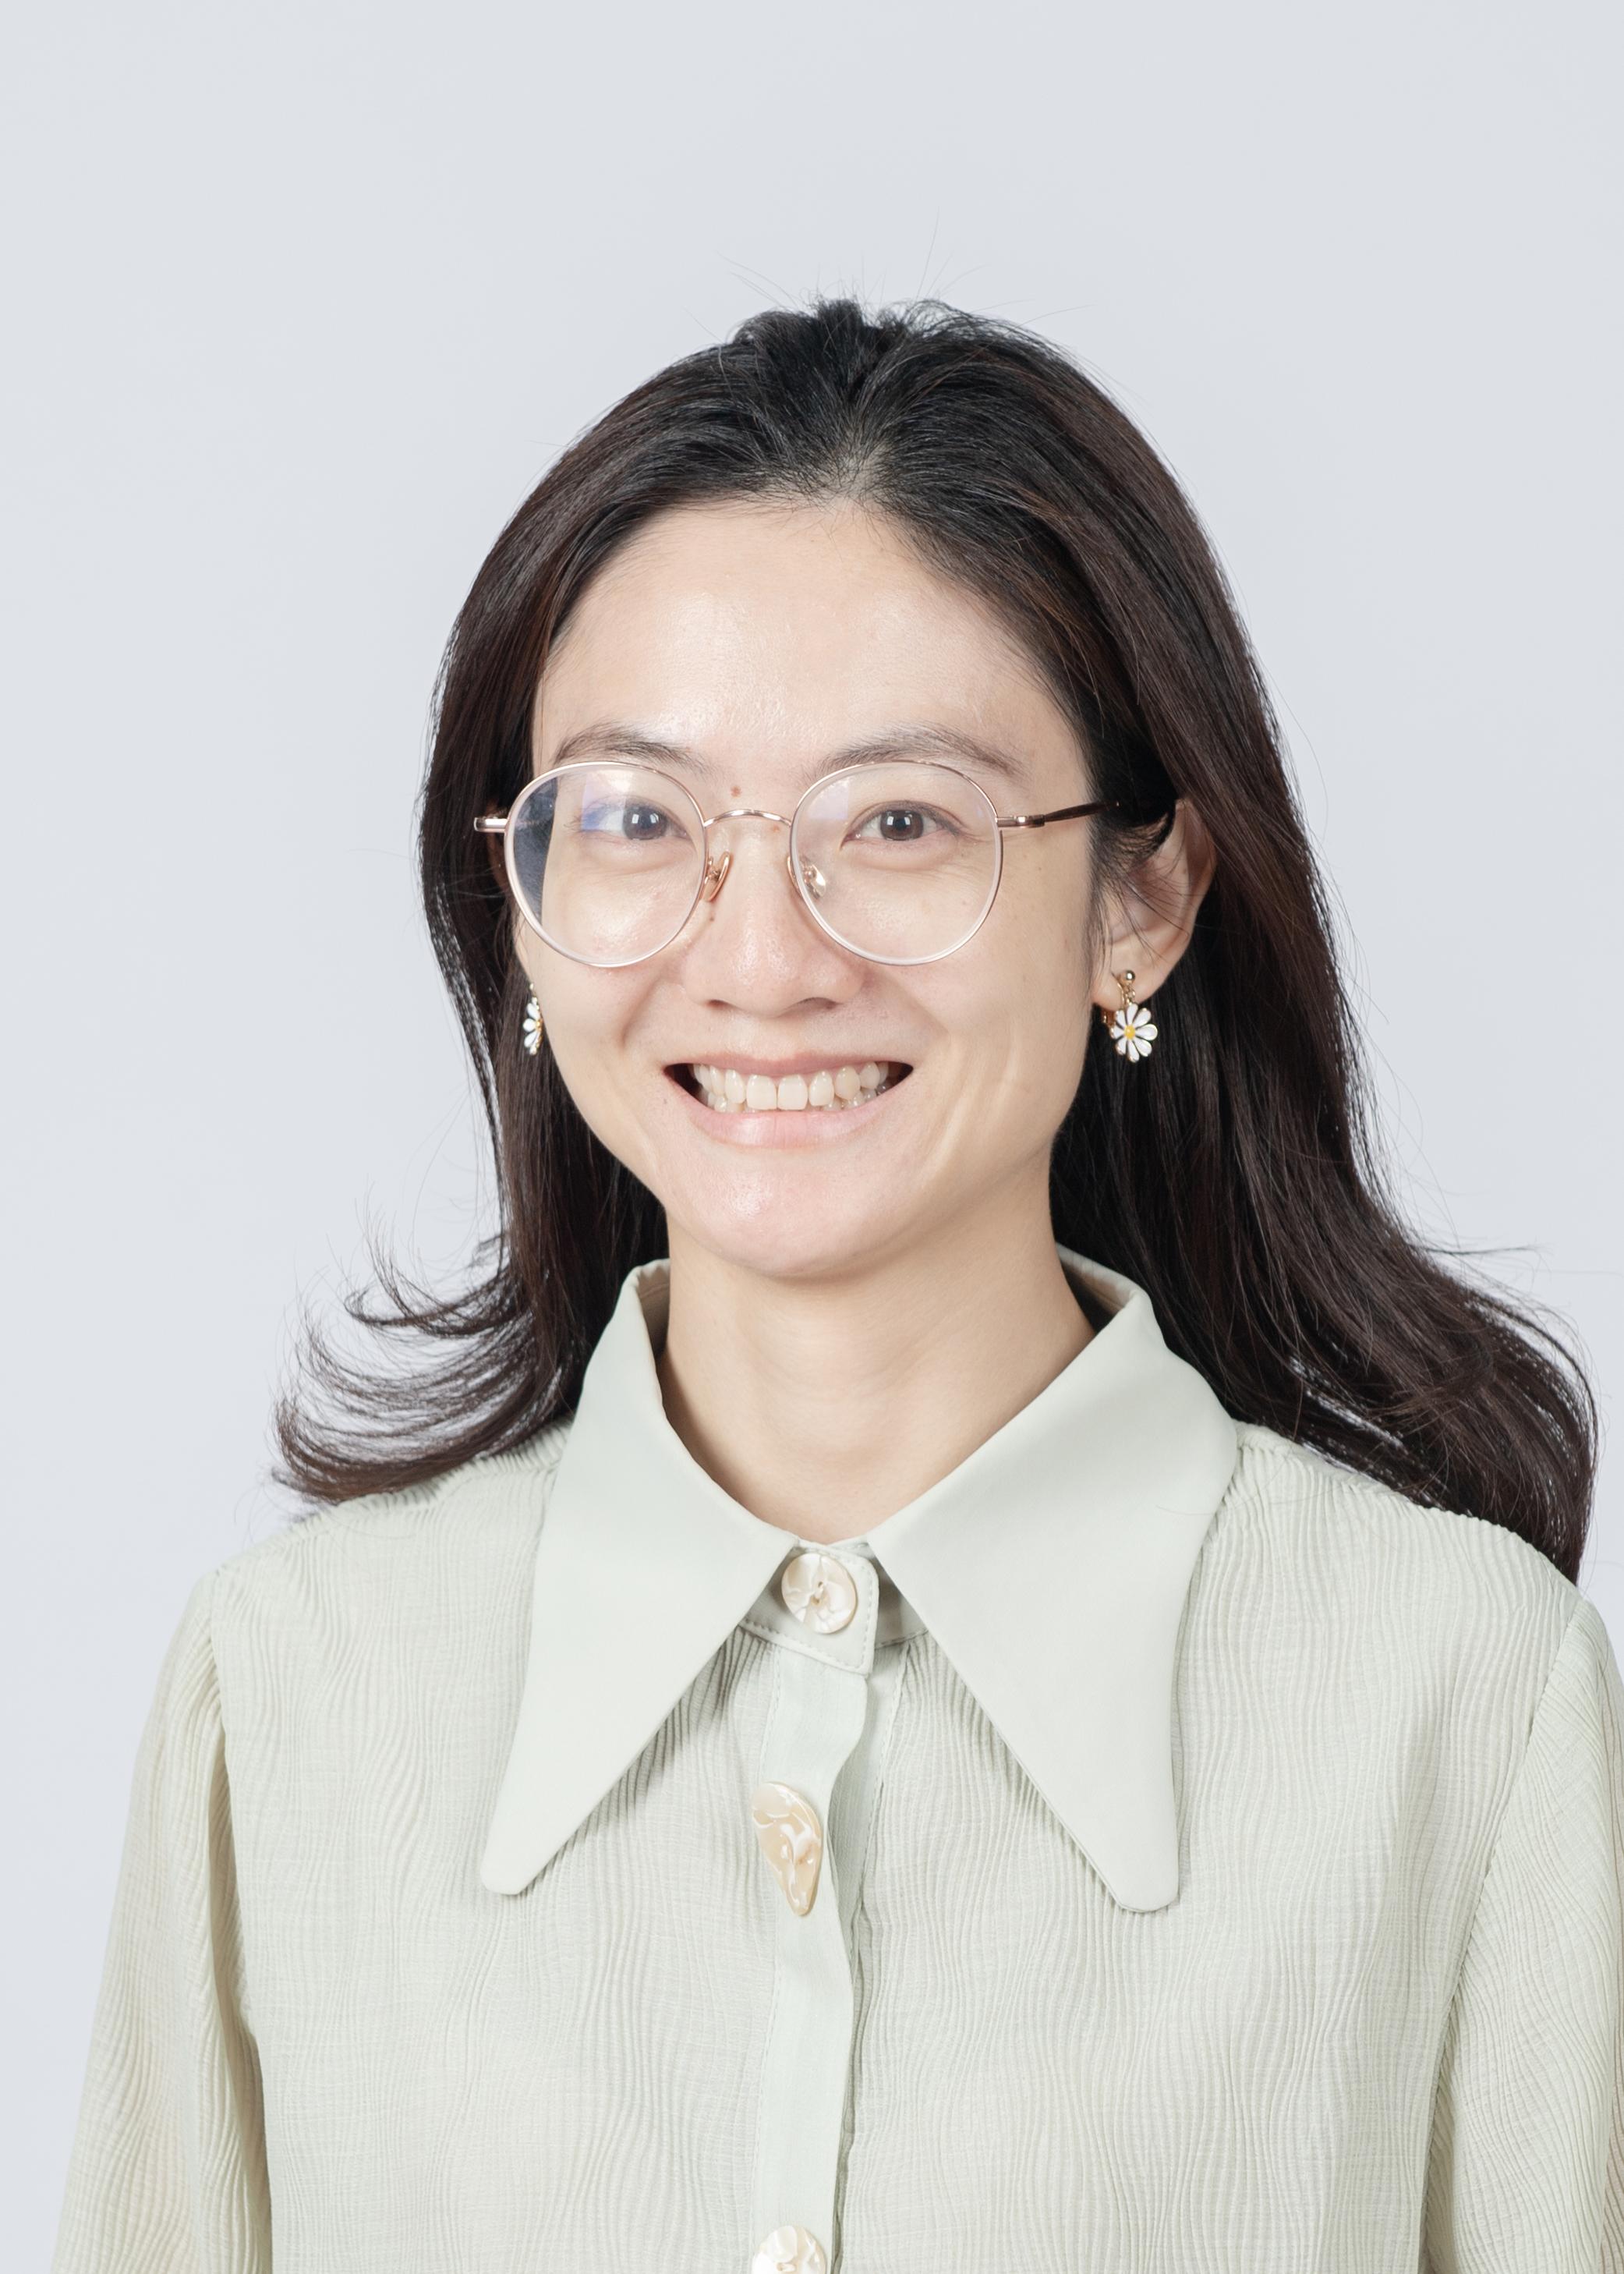 Ms. Ping Zhu